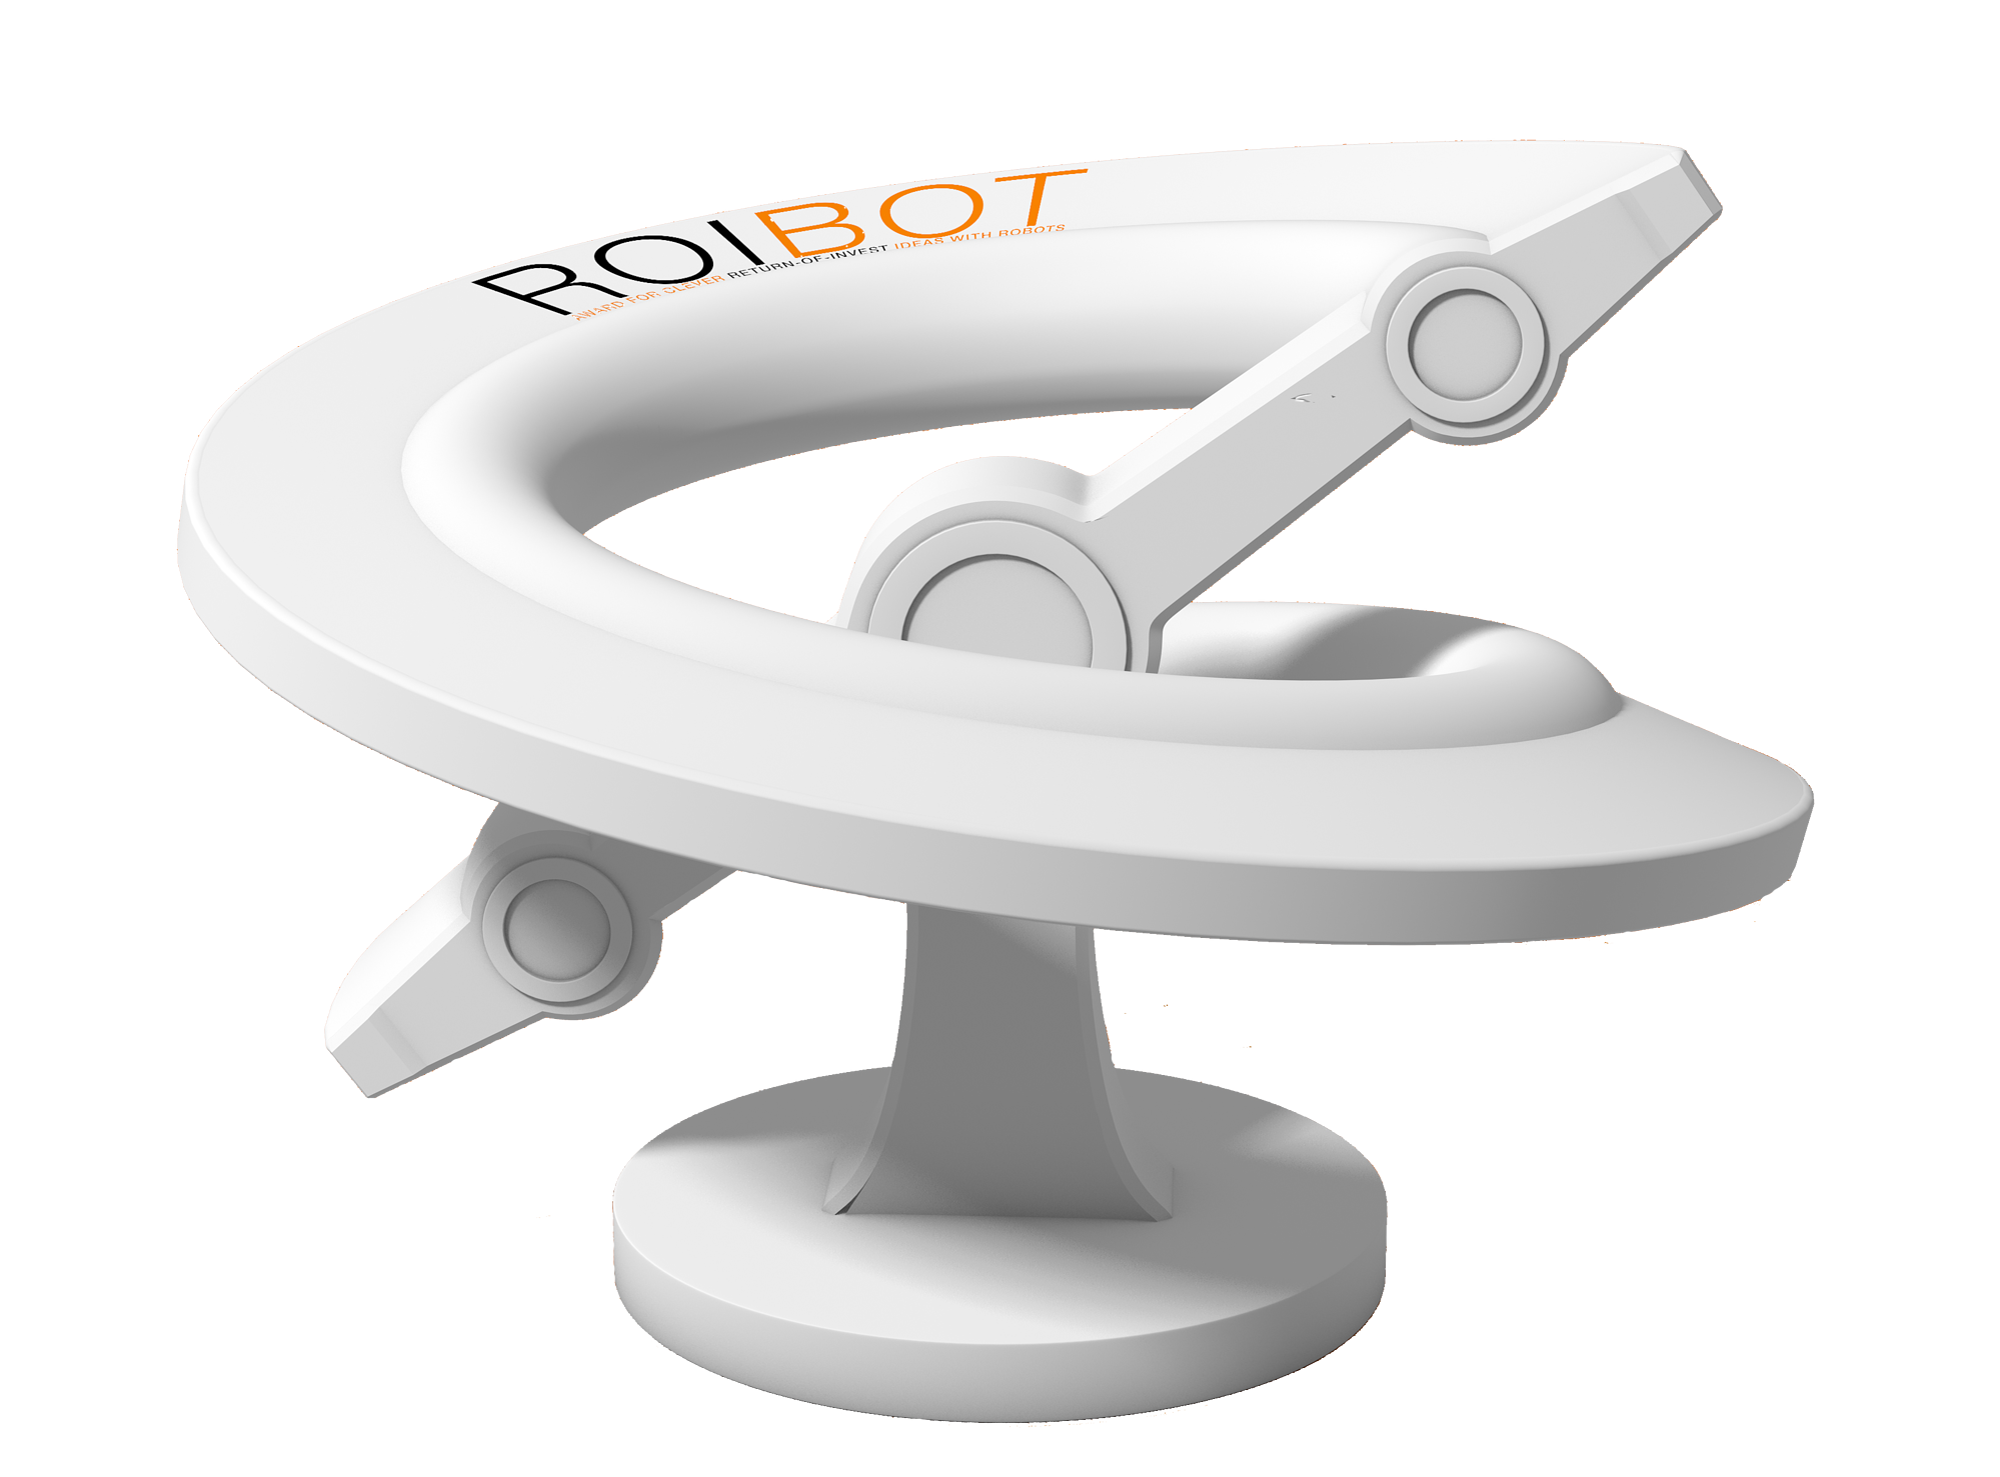 Roibot Ideenwettbewerb